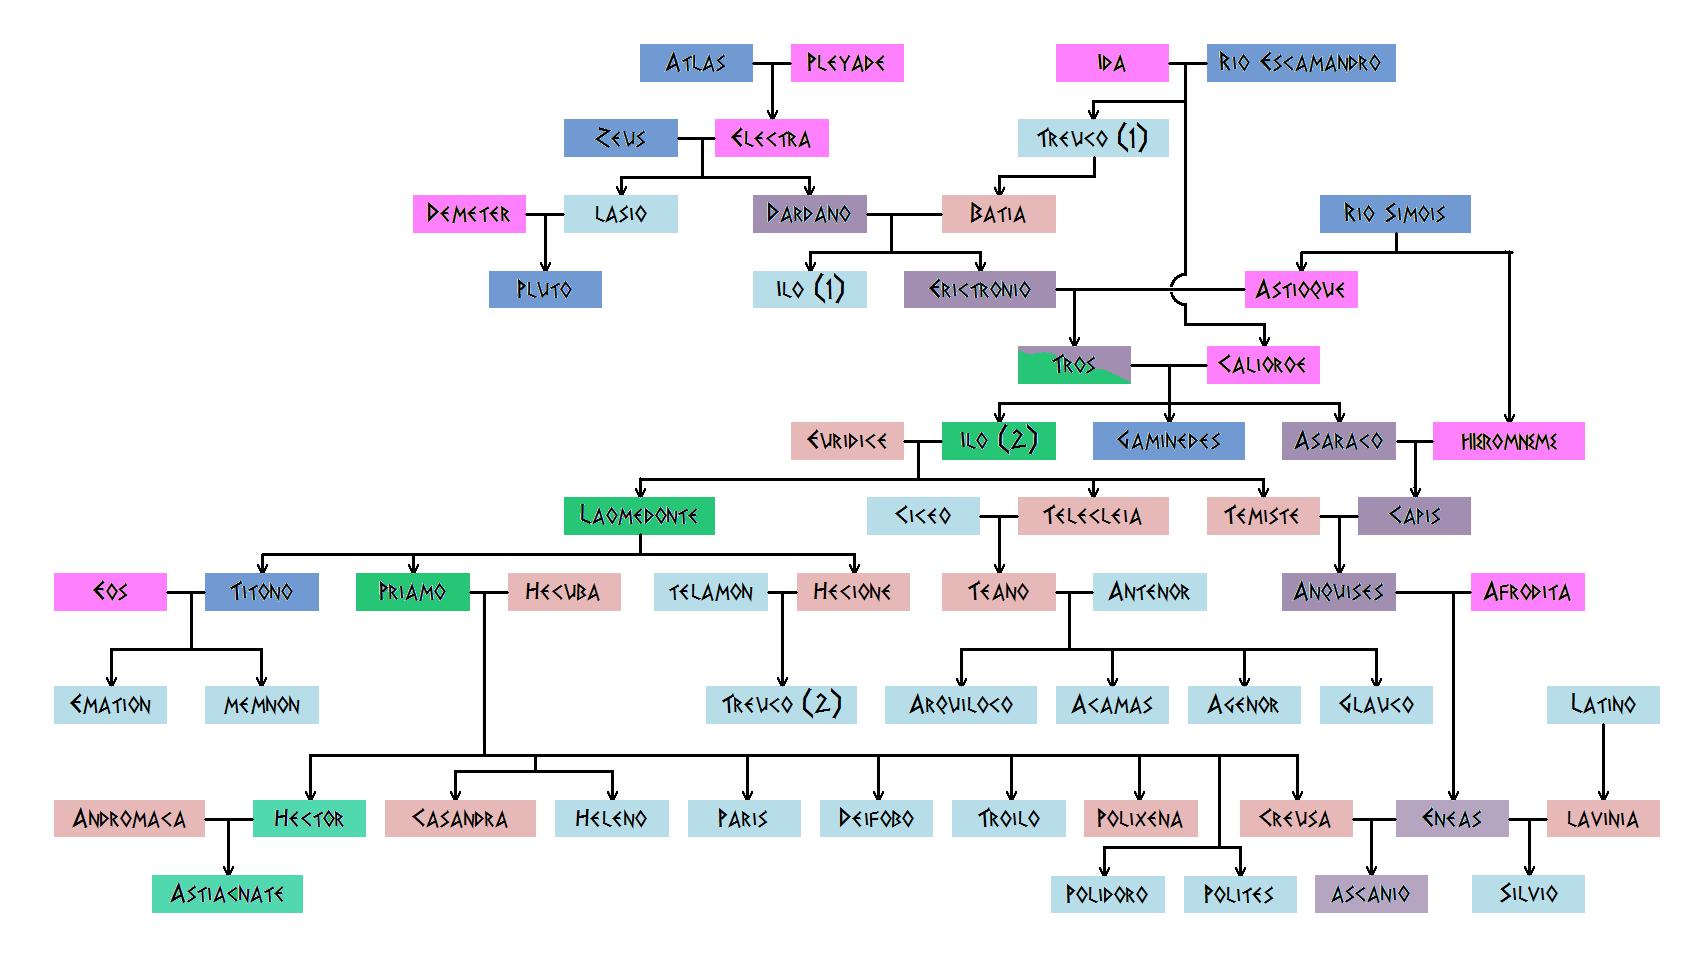 Genealogia de la casa de priamo